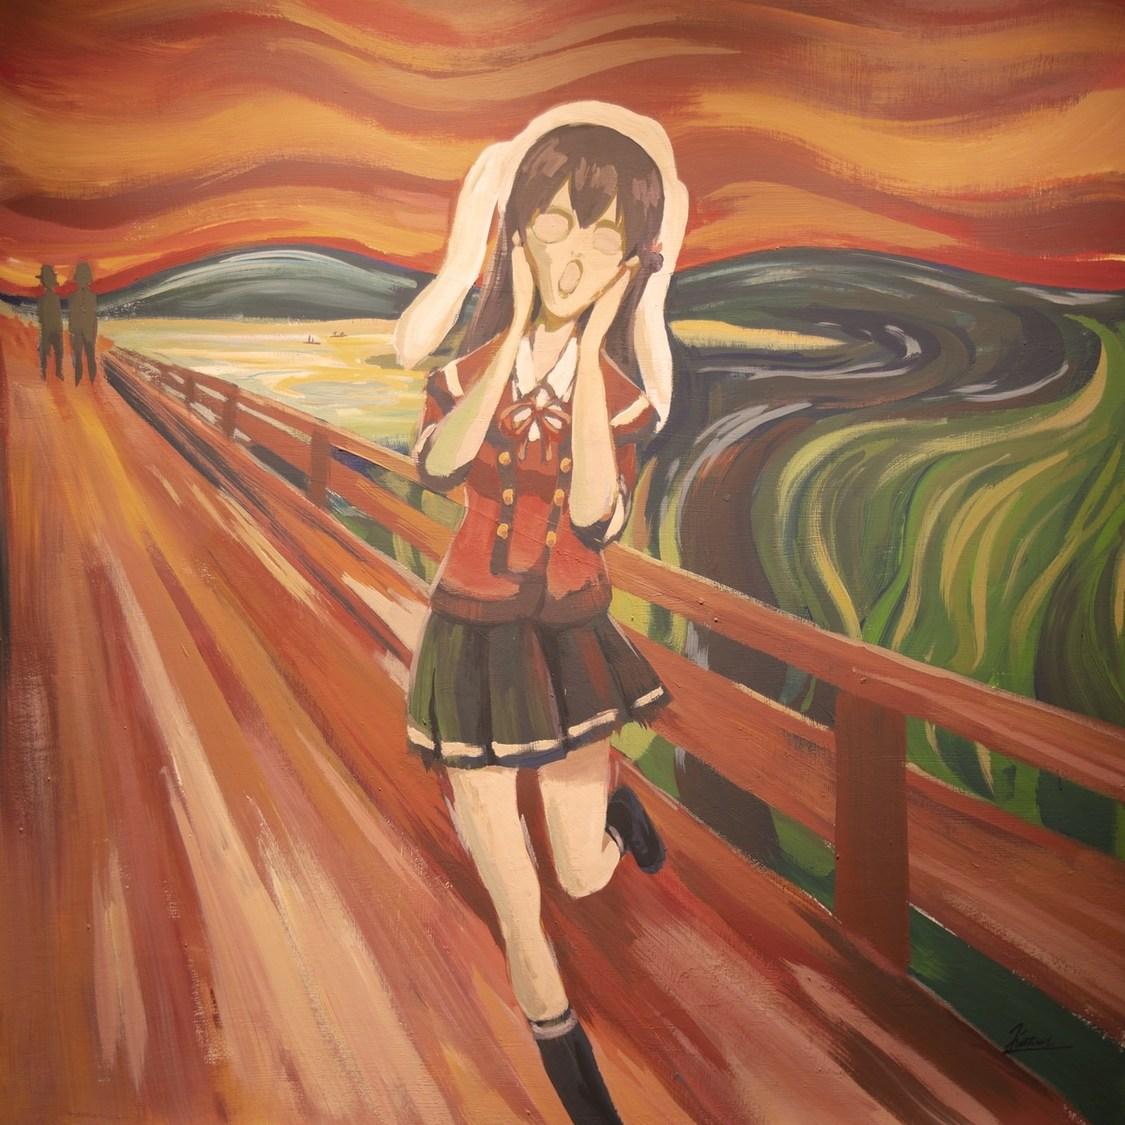 響木アオ、ジャケットレプリカのプレミアム限定販売決定!「この度アオがアートになりました」